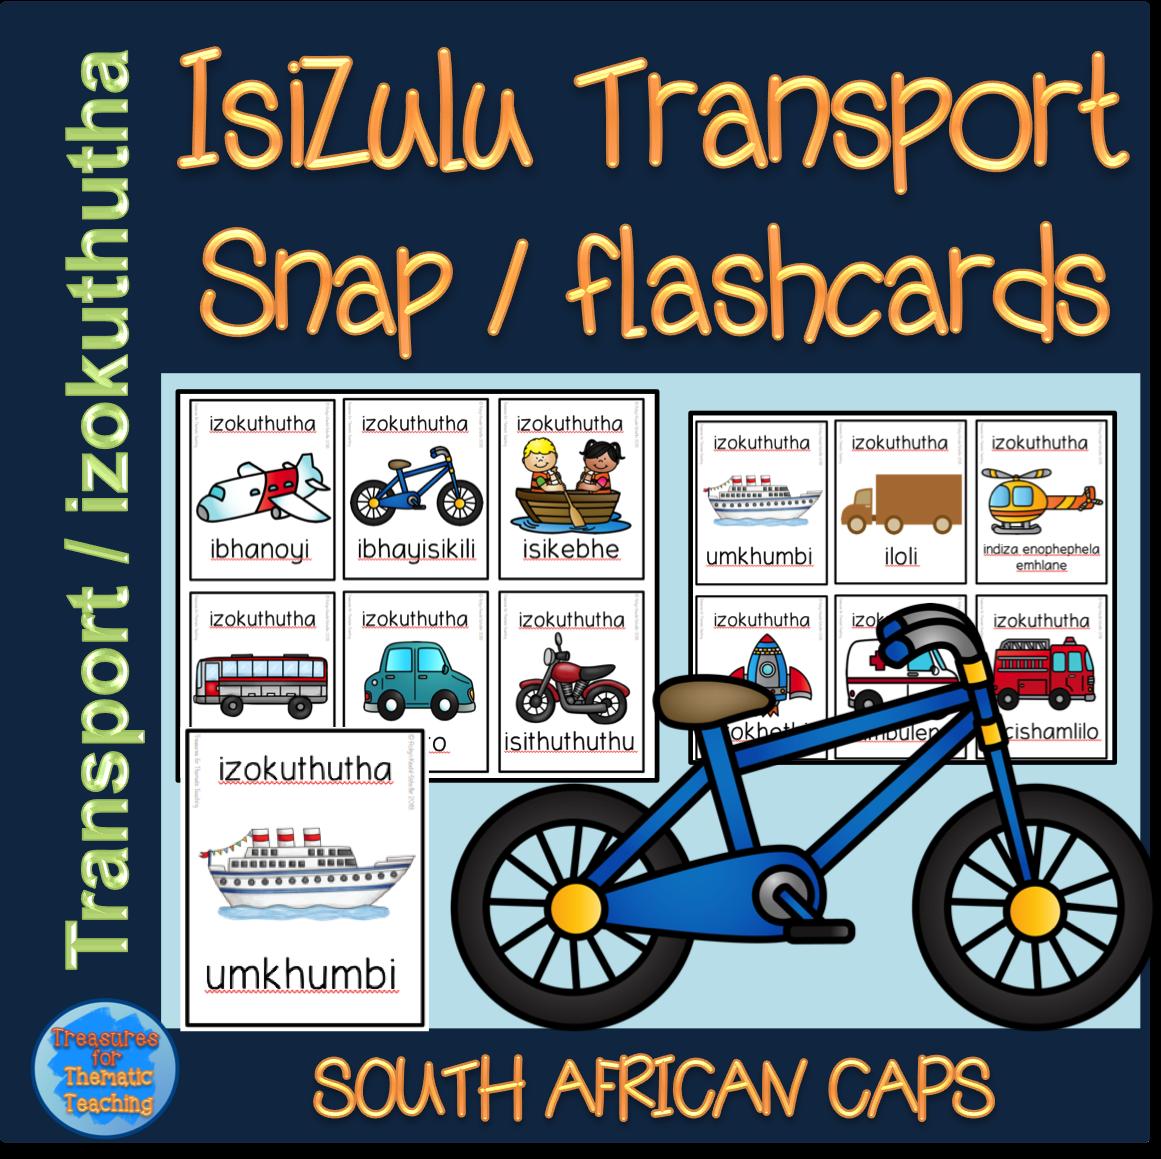 Isizulu Transport Izokuthutha Snap Flashcards